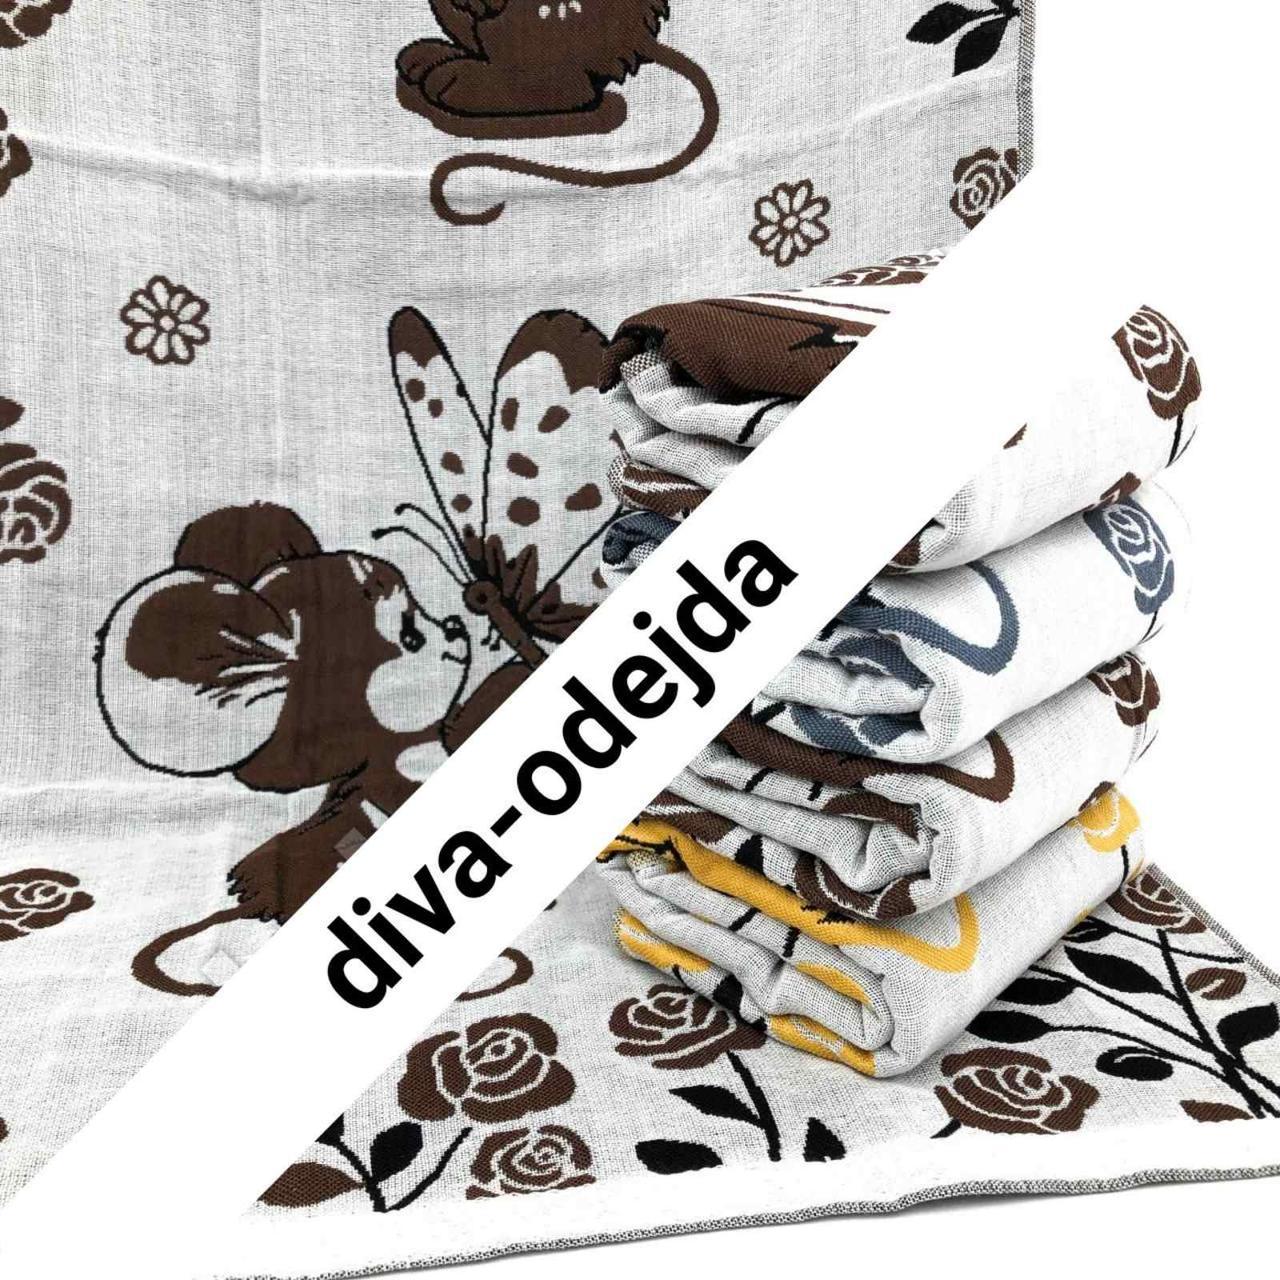 Банное полотенце на льняной основе с мышками .Размер:1,4 x 0,7